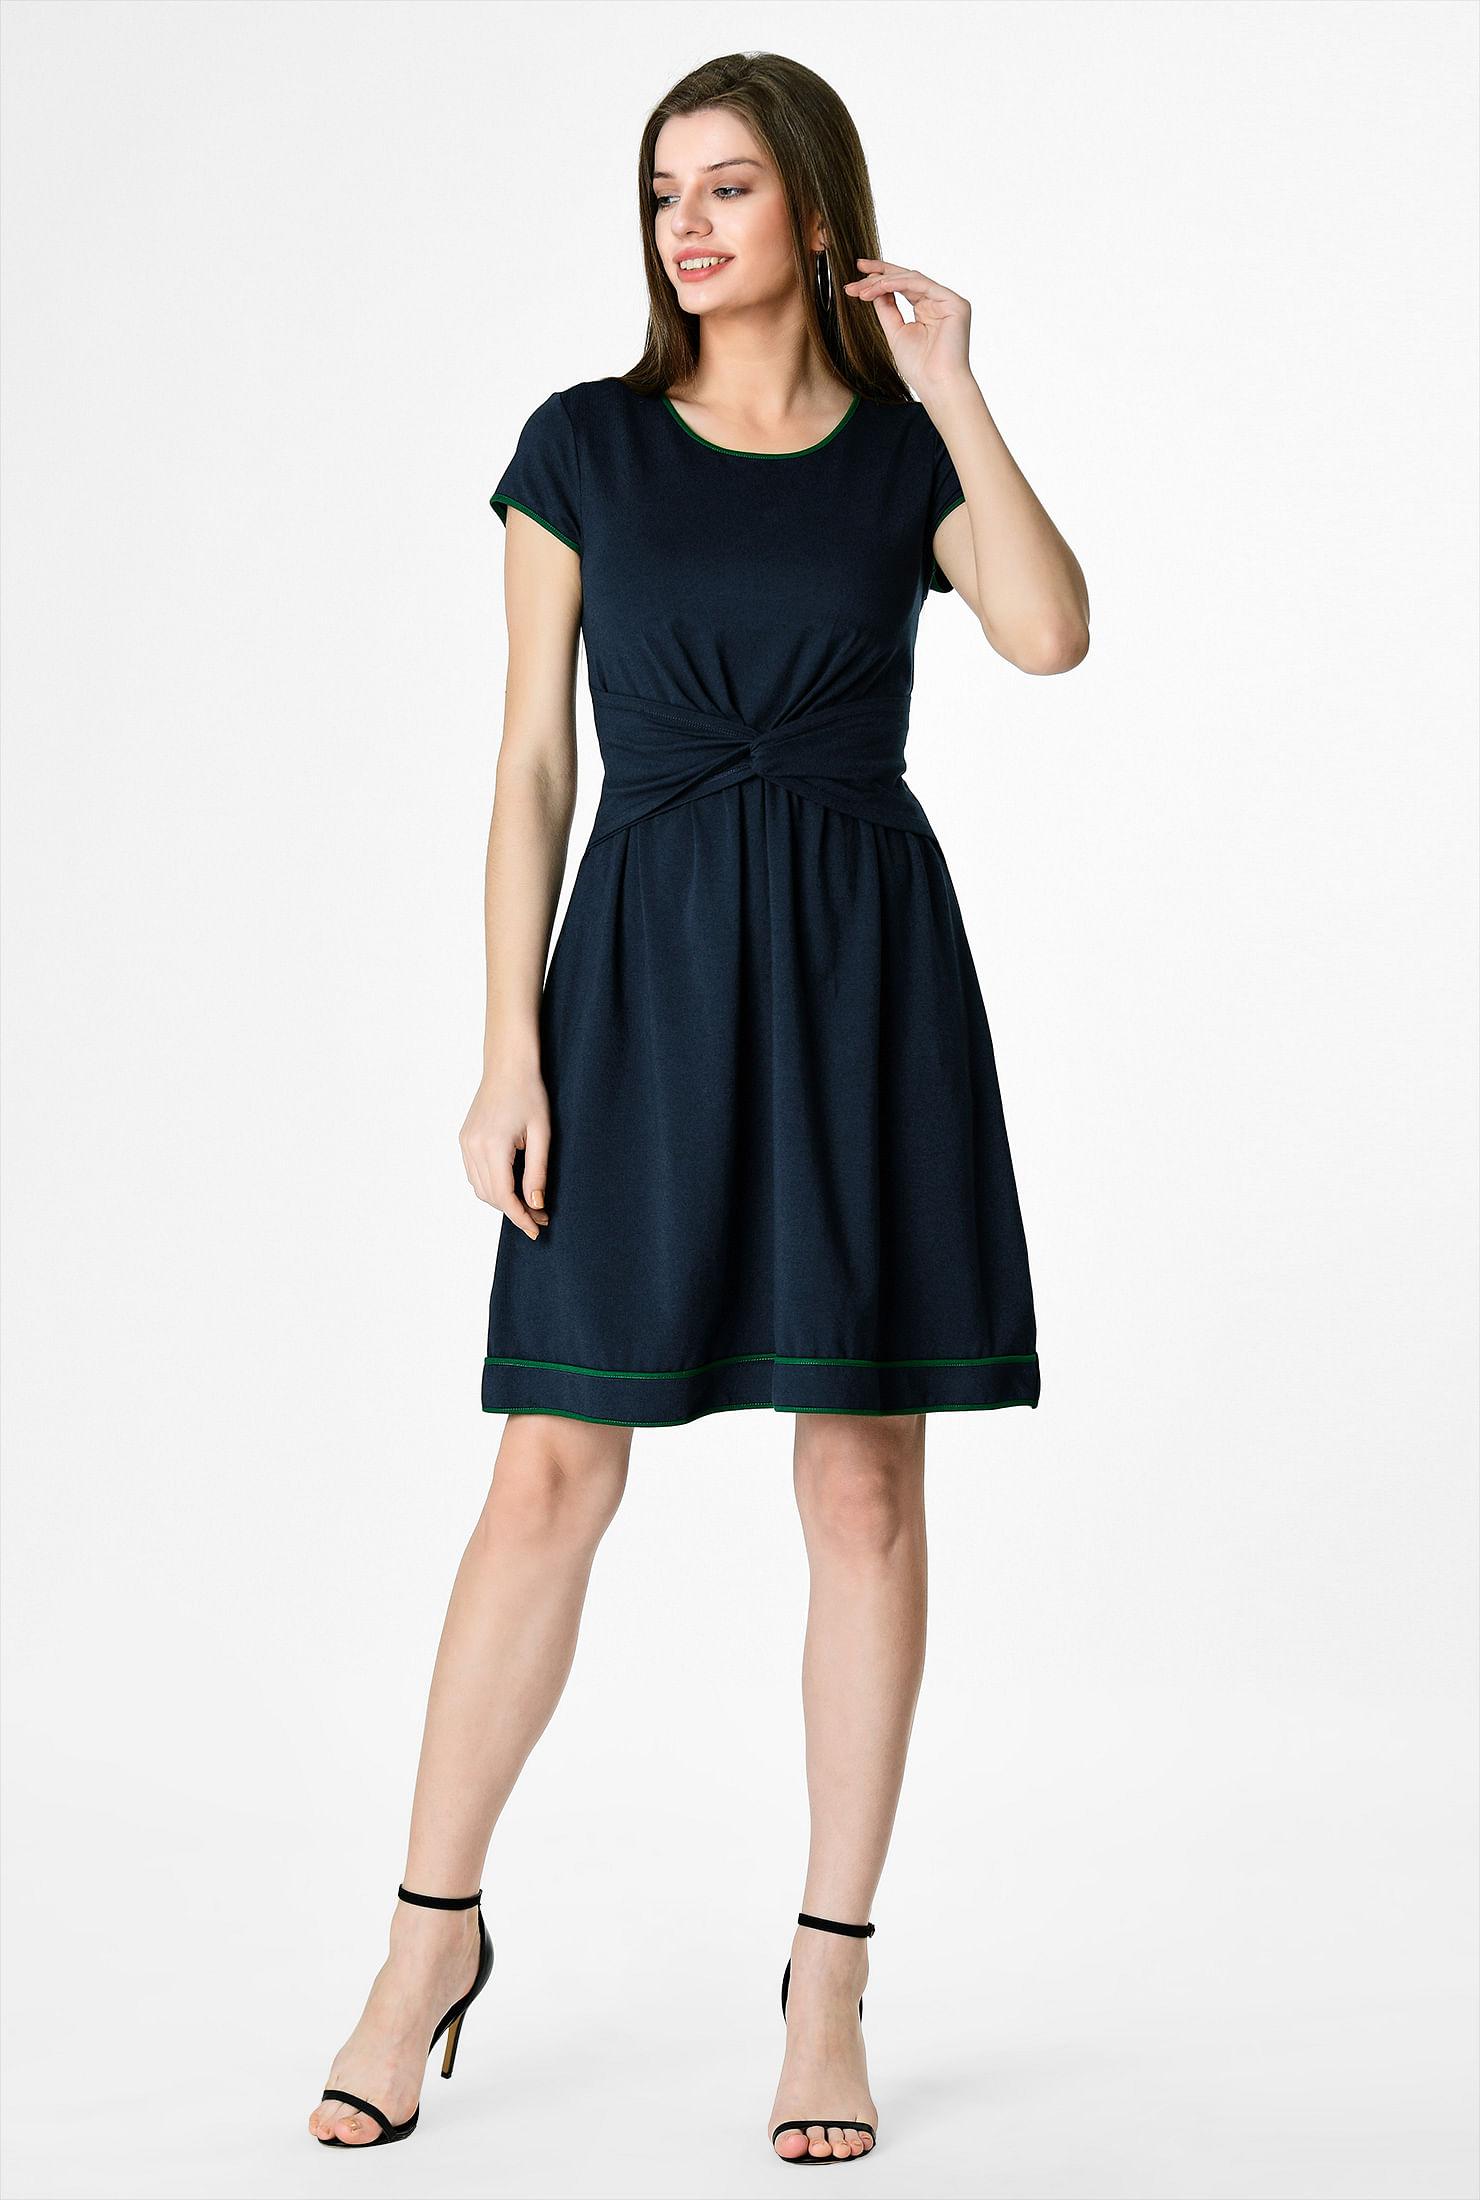 96fd937b837dd Women's Fashion Clothing 0-36W and Custom